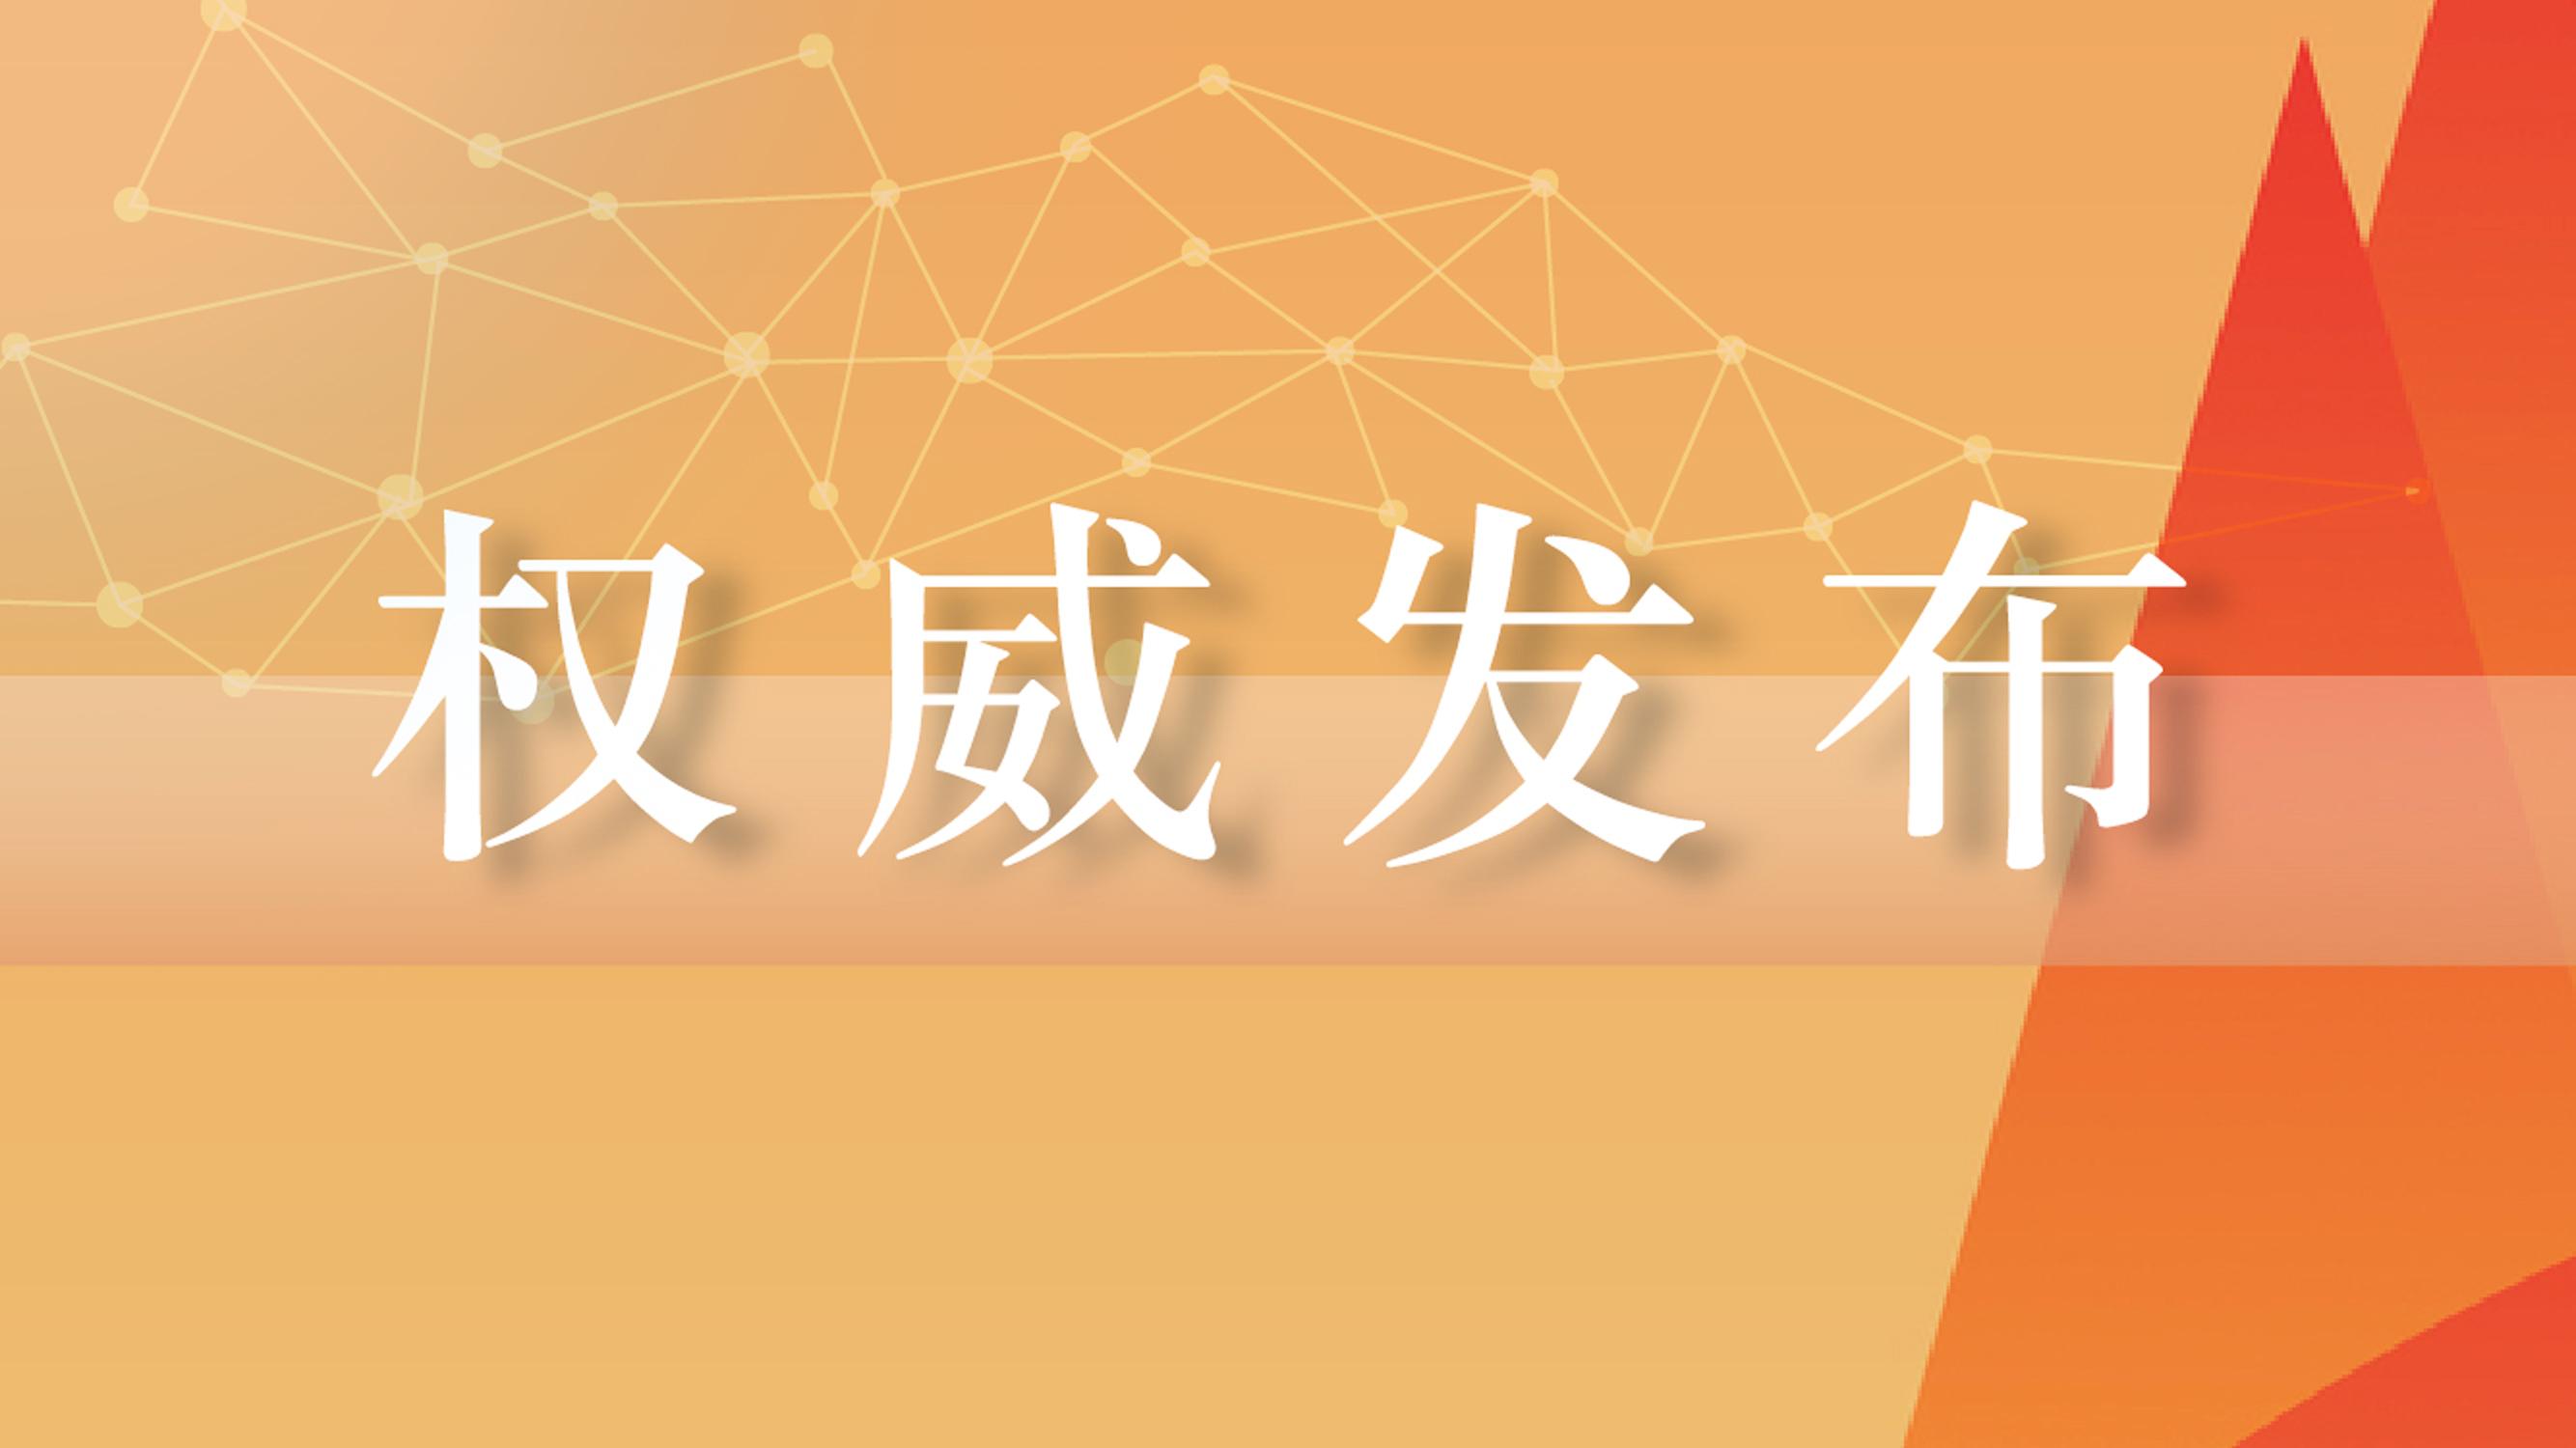 四川华西集团投资有限公司原党委书记、董事长张双华 接受纪律审查和监察调查